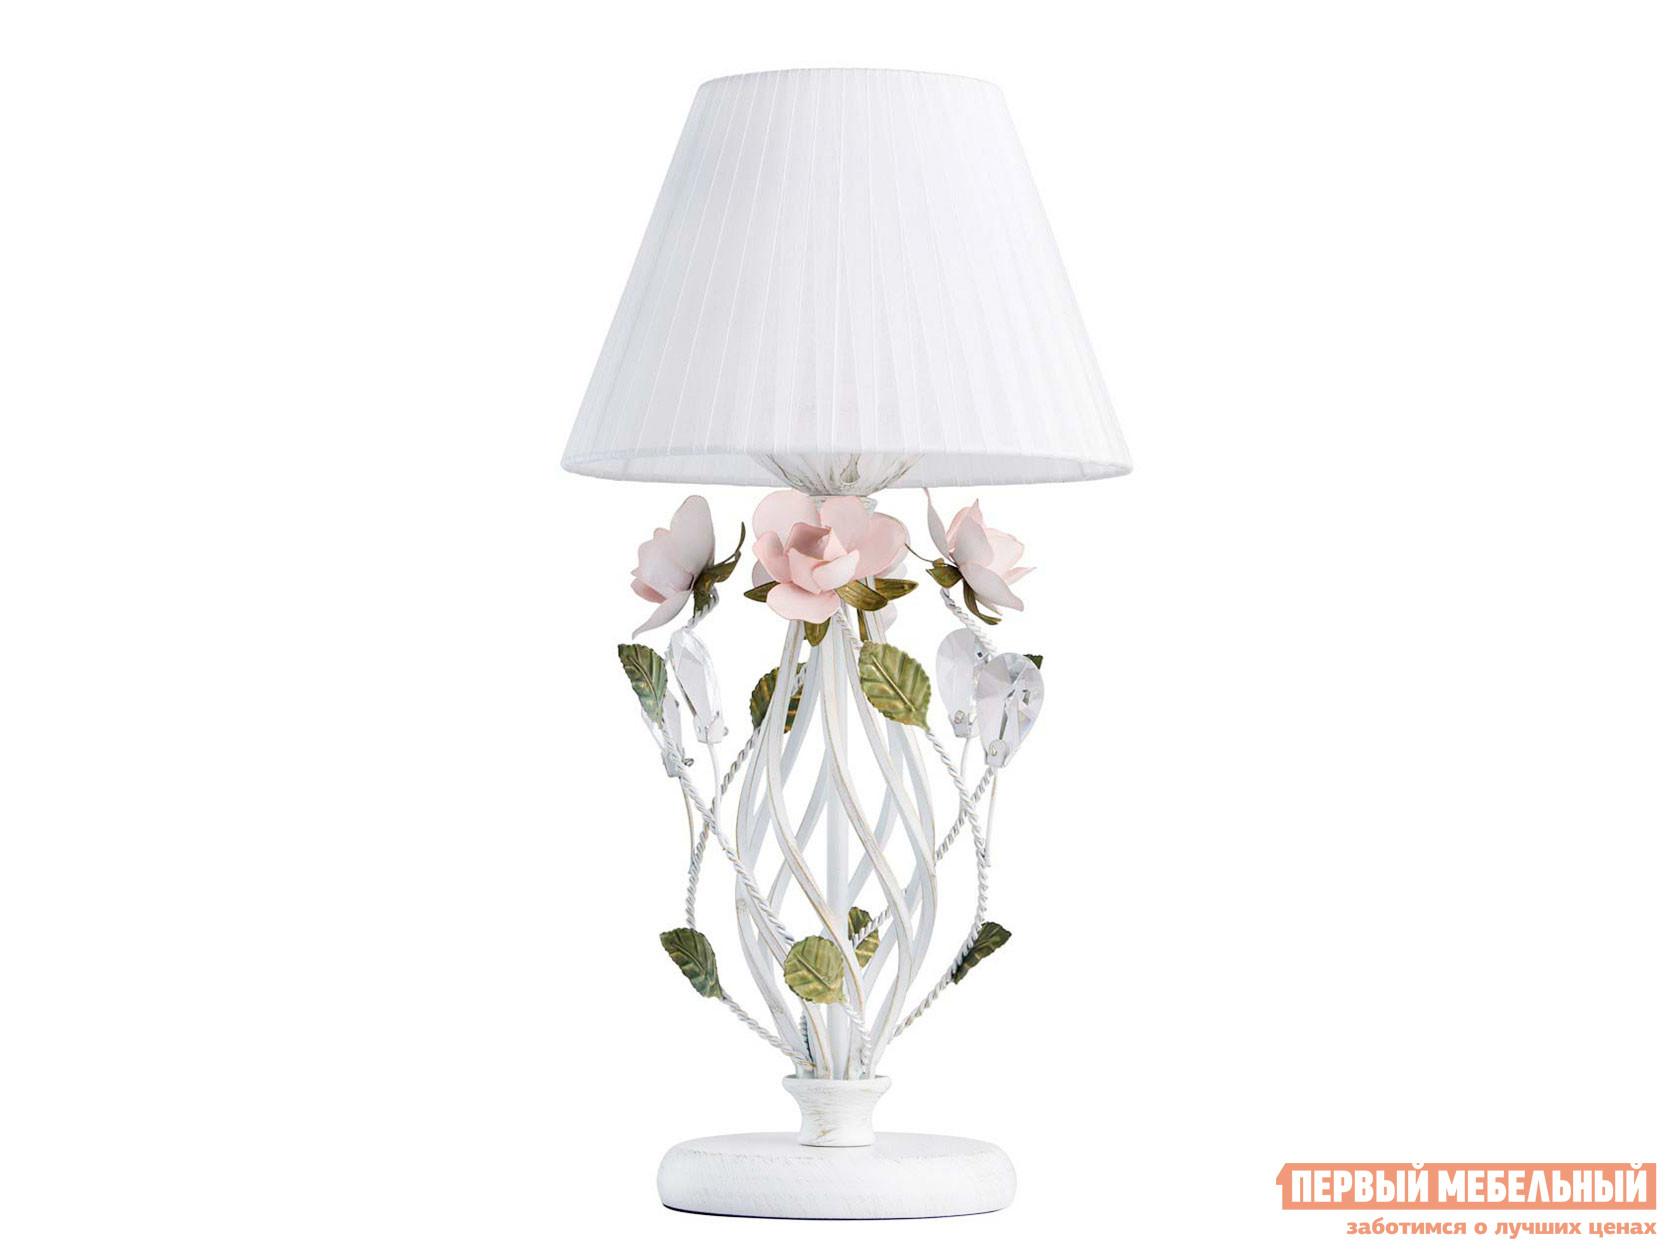 Настольная лампа Штерн 421034801 Букет настольная лампа штерн 317031001 афродита